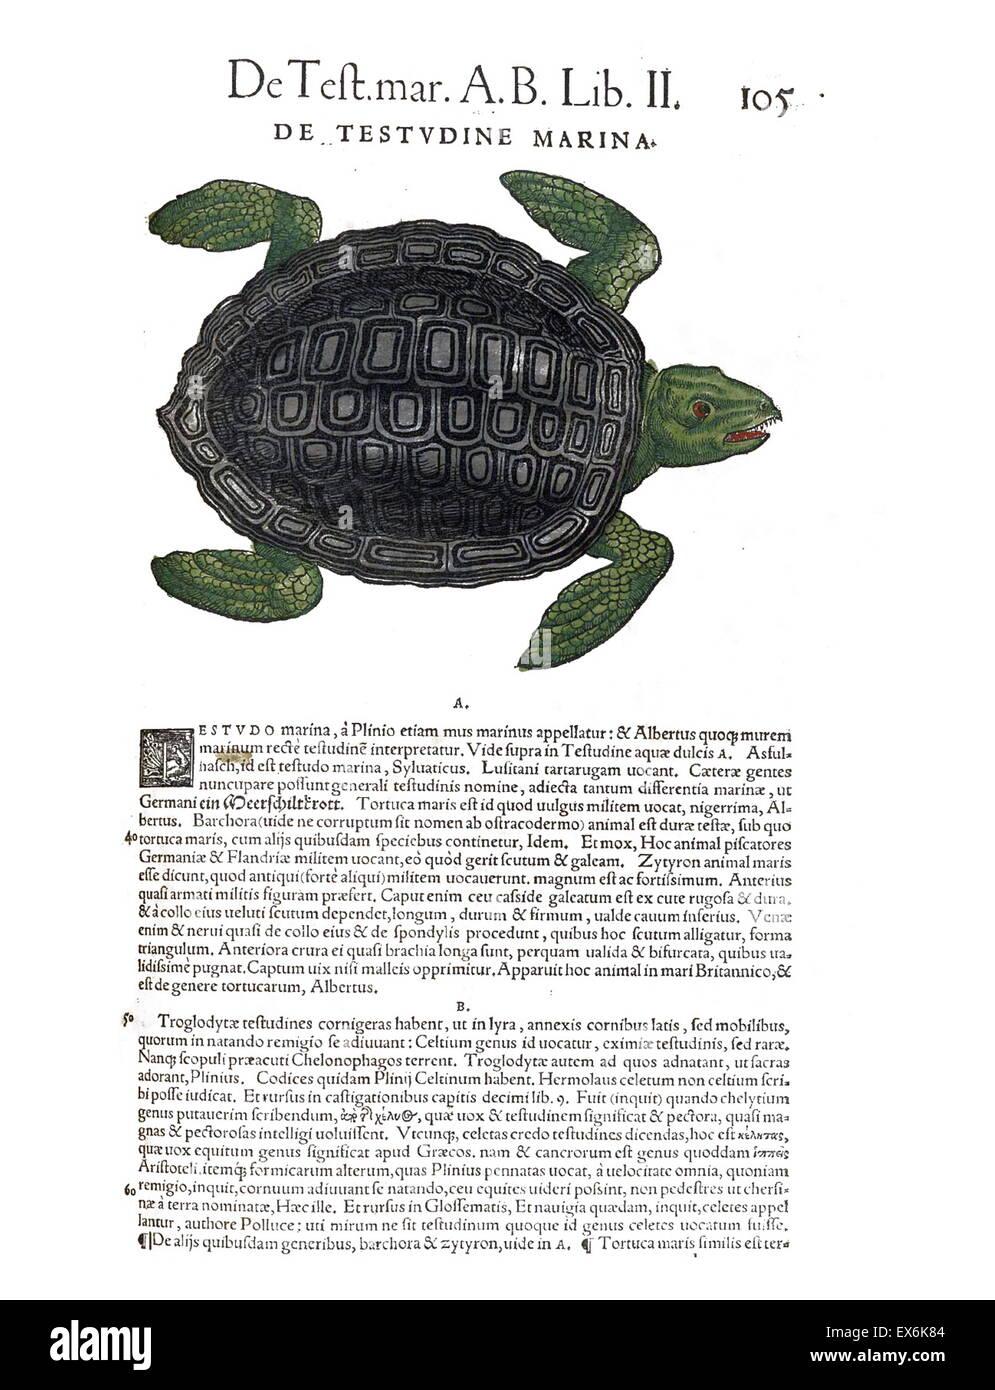 Außenillustration eine Meeresschildkröte aus \' Medici Tigurini ...